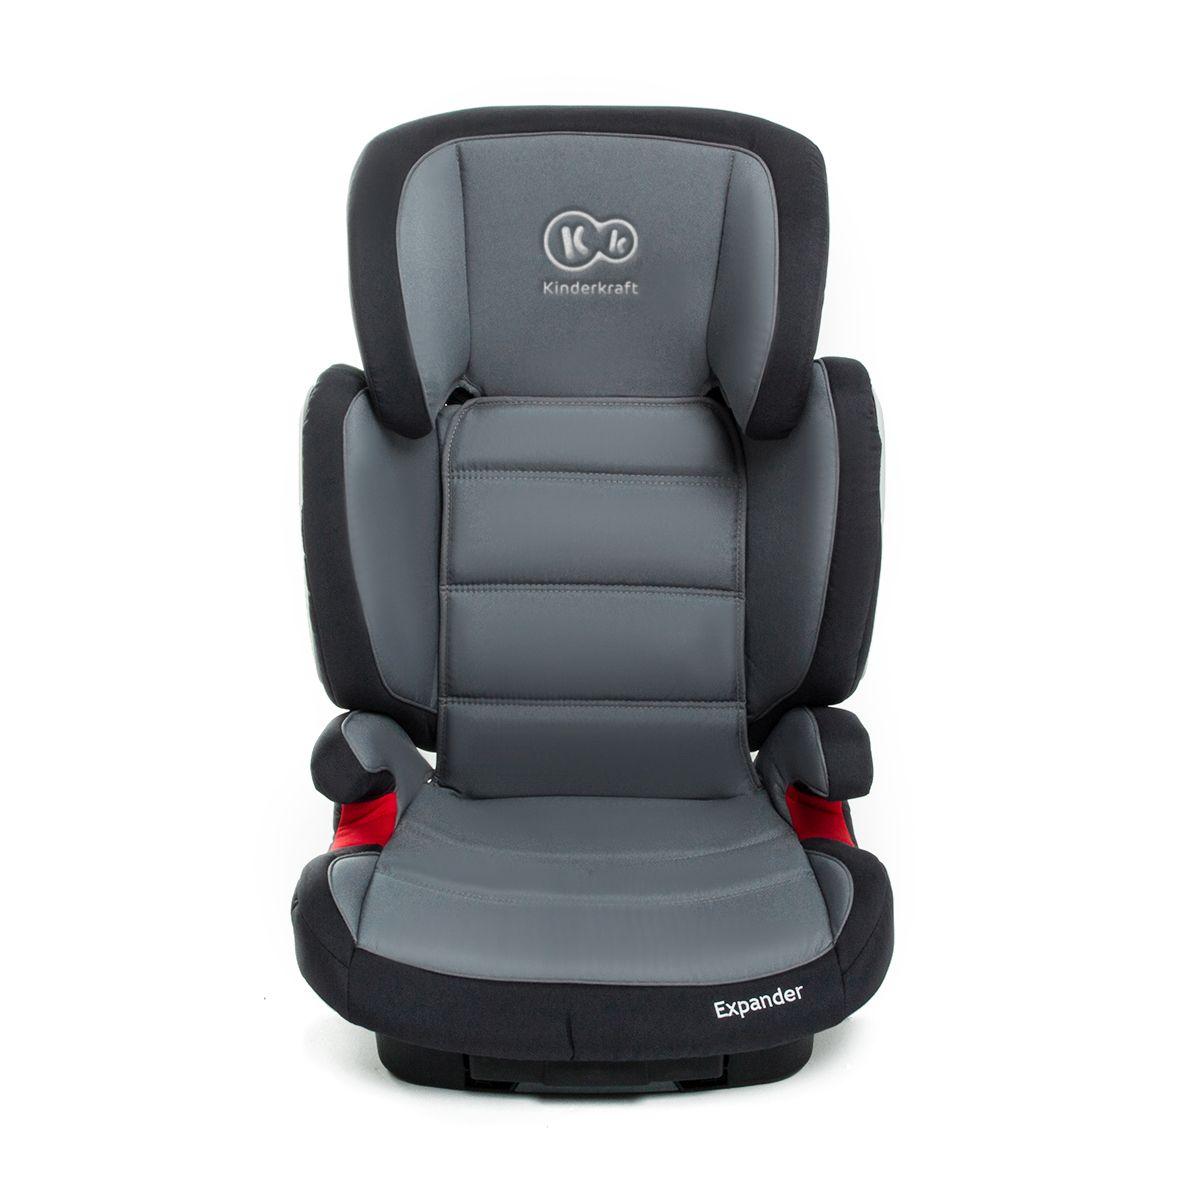 isofix seggiolino per bambini 15 fino a 36 gruppo kg 2 3 auto expander grigio ebay. Black Bedroom Furniture Sets. Home Design Ideas